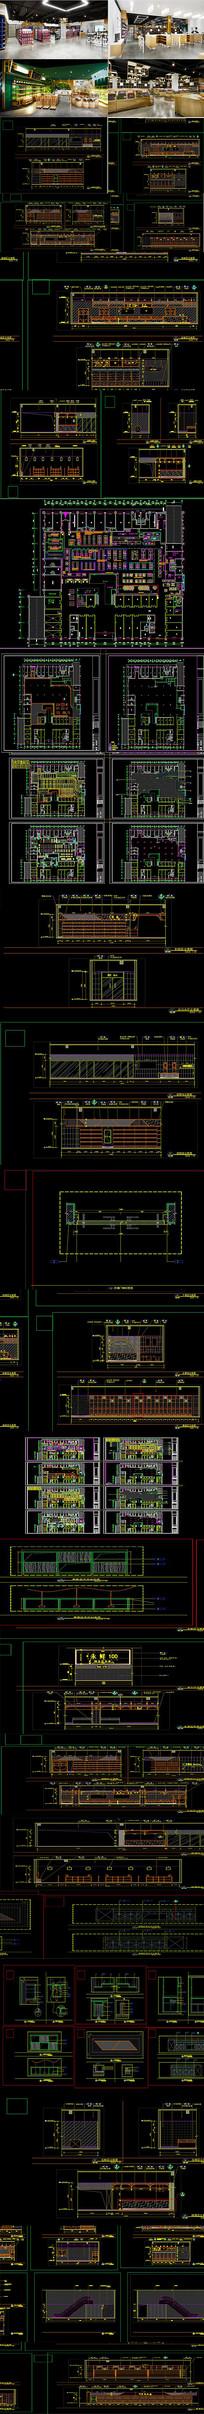 大型时尚生鲜超市CAD施工图 效果图